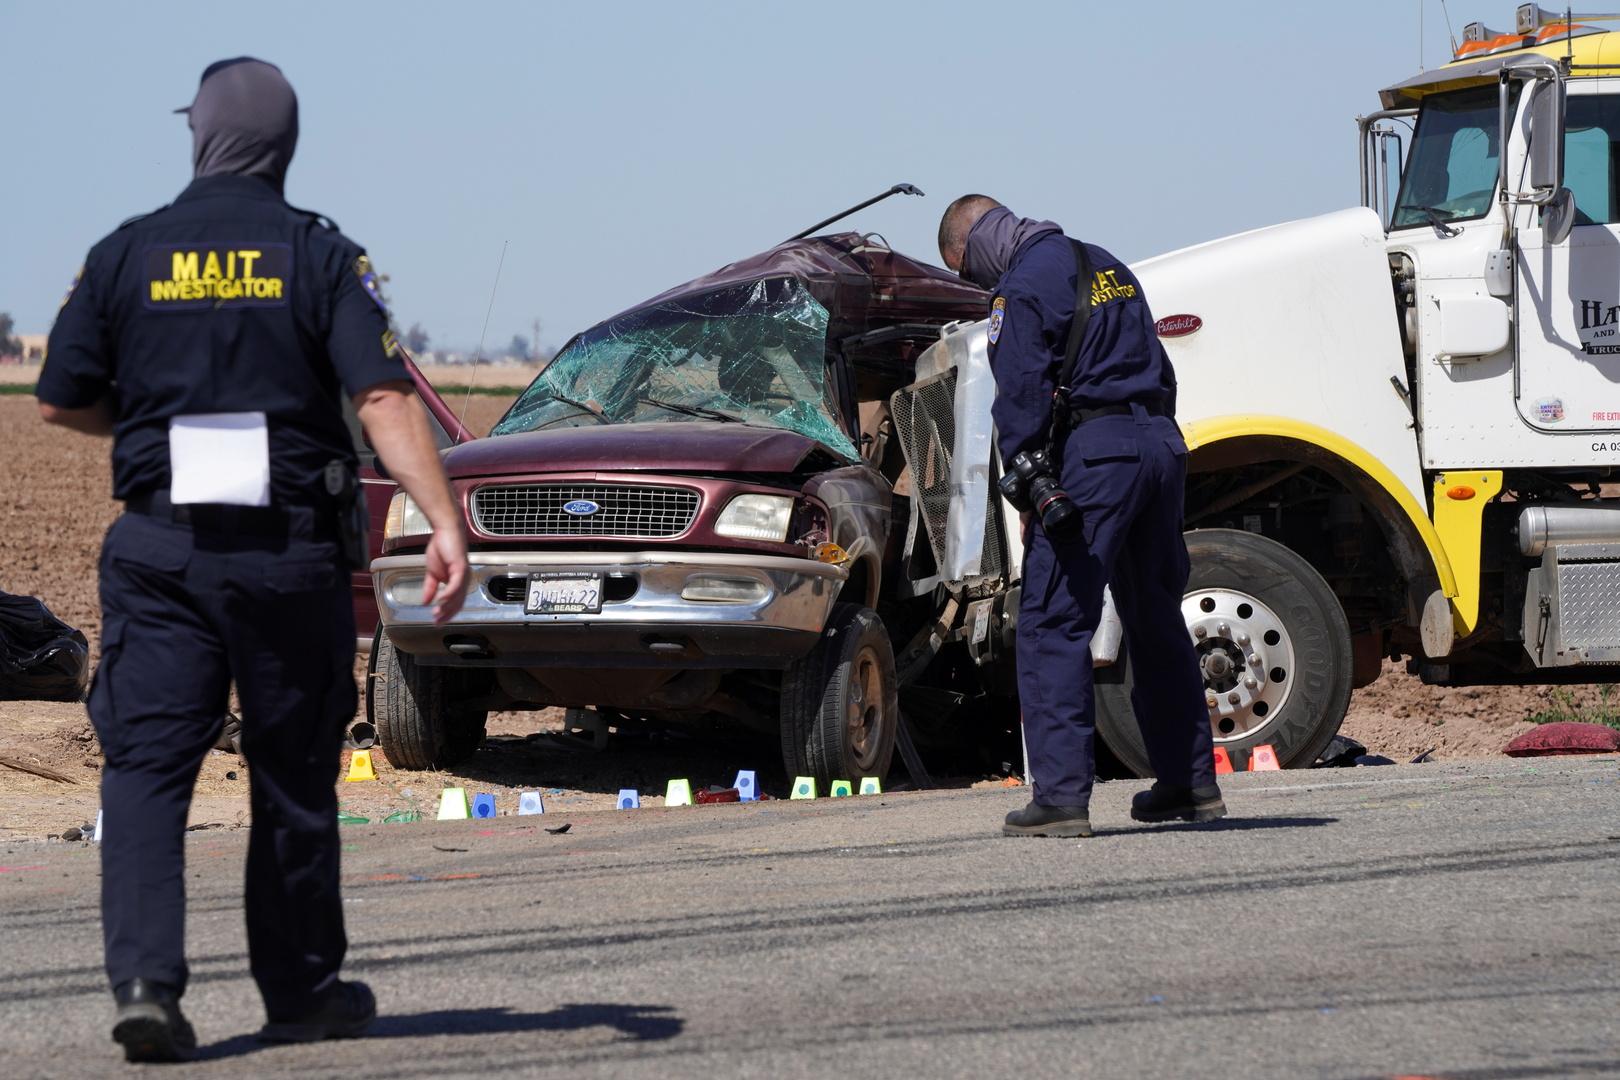 حادث سير مروع في كاليفورنيا